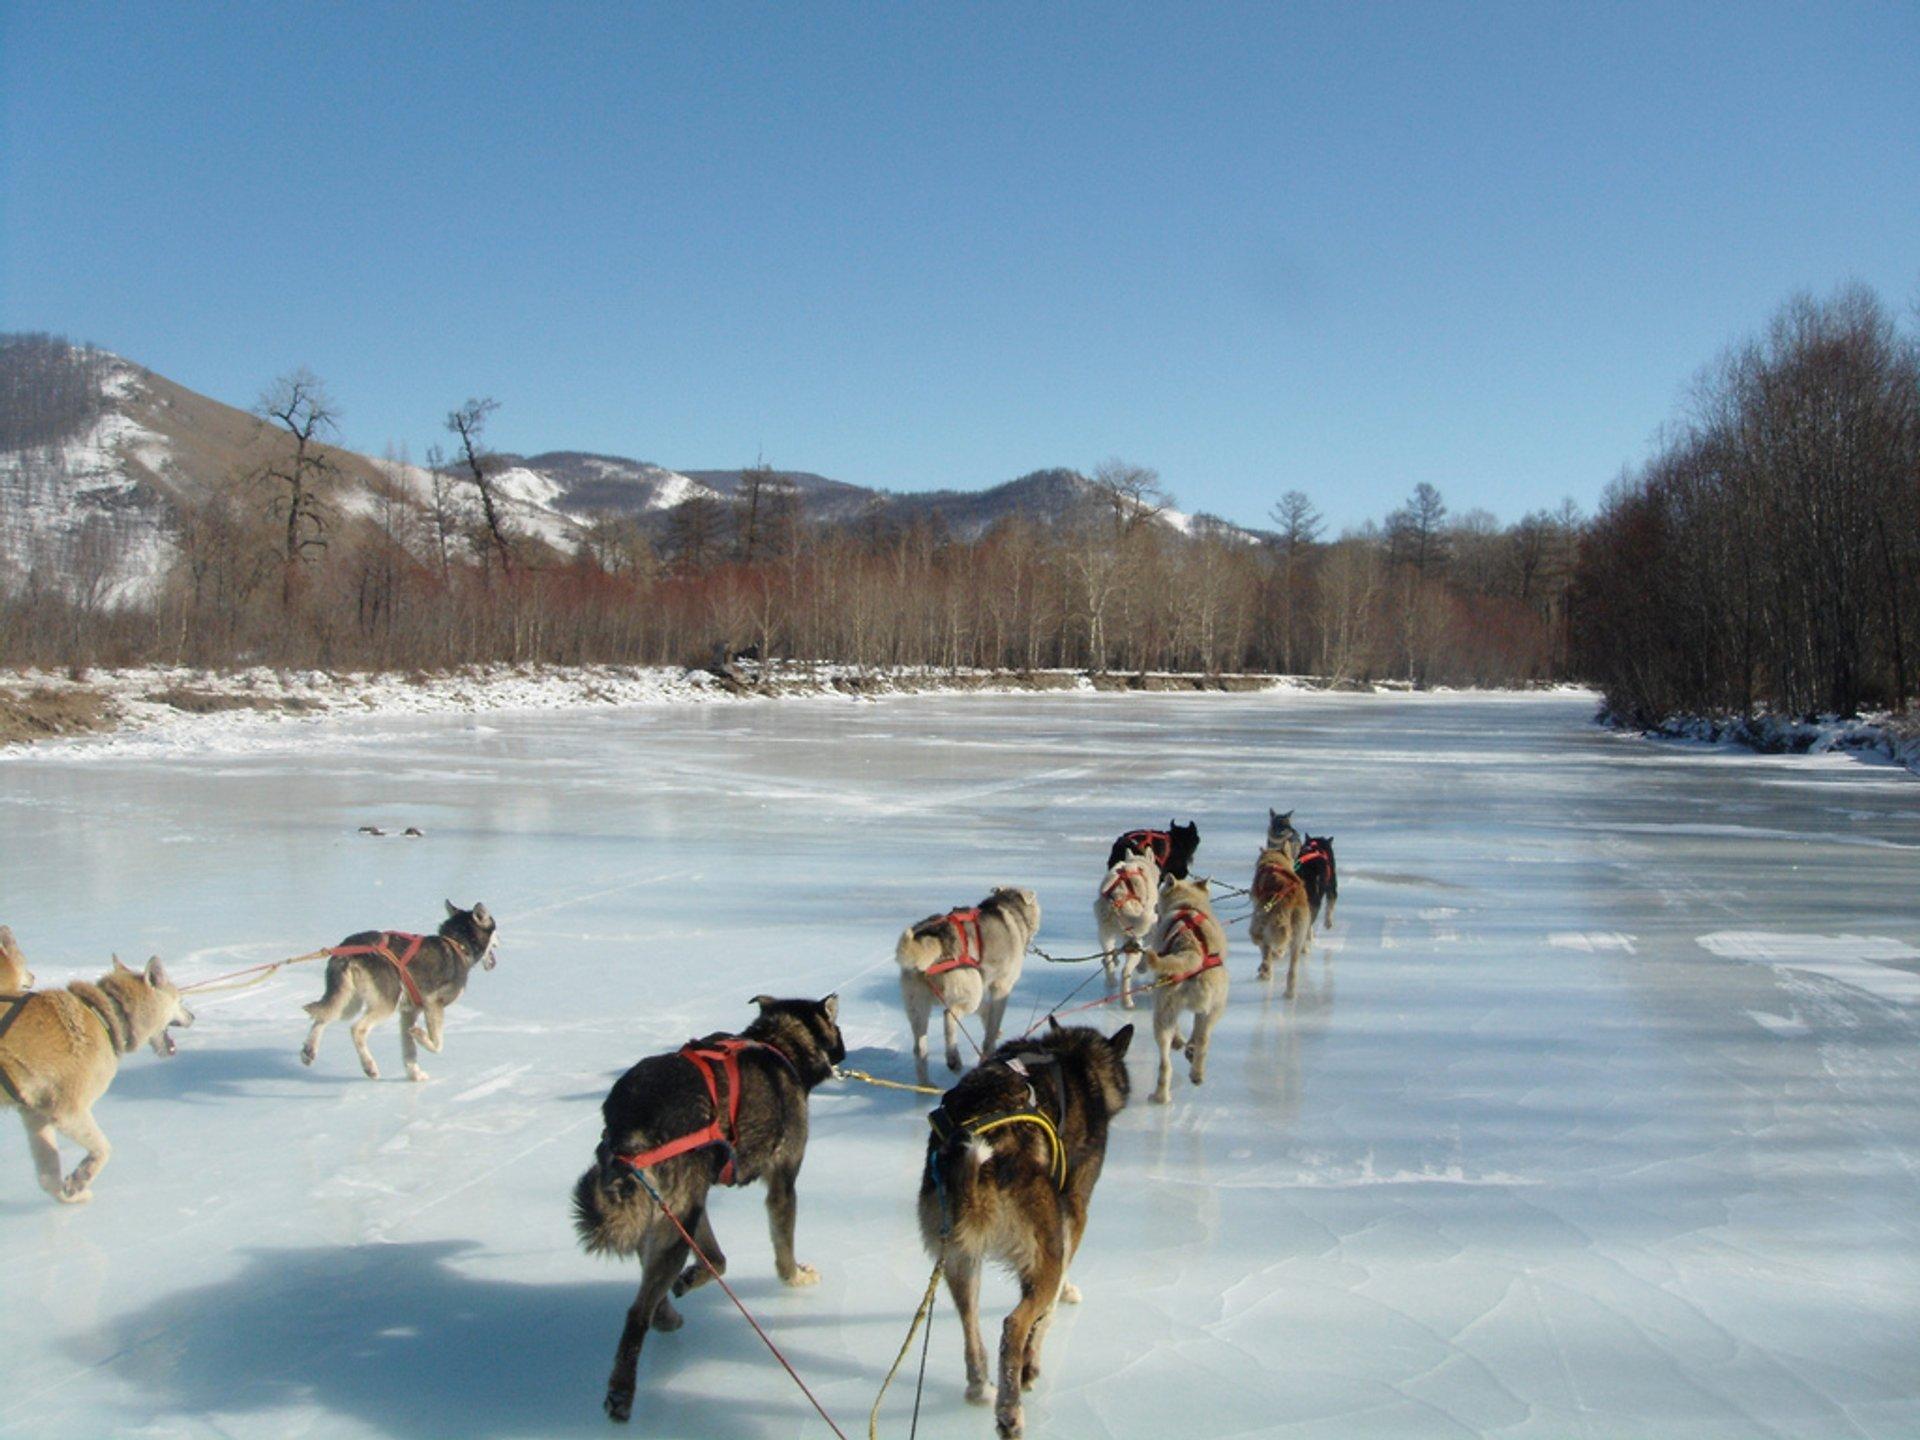 Dog Sledding in Mongolia 2019 - Best Time